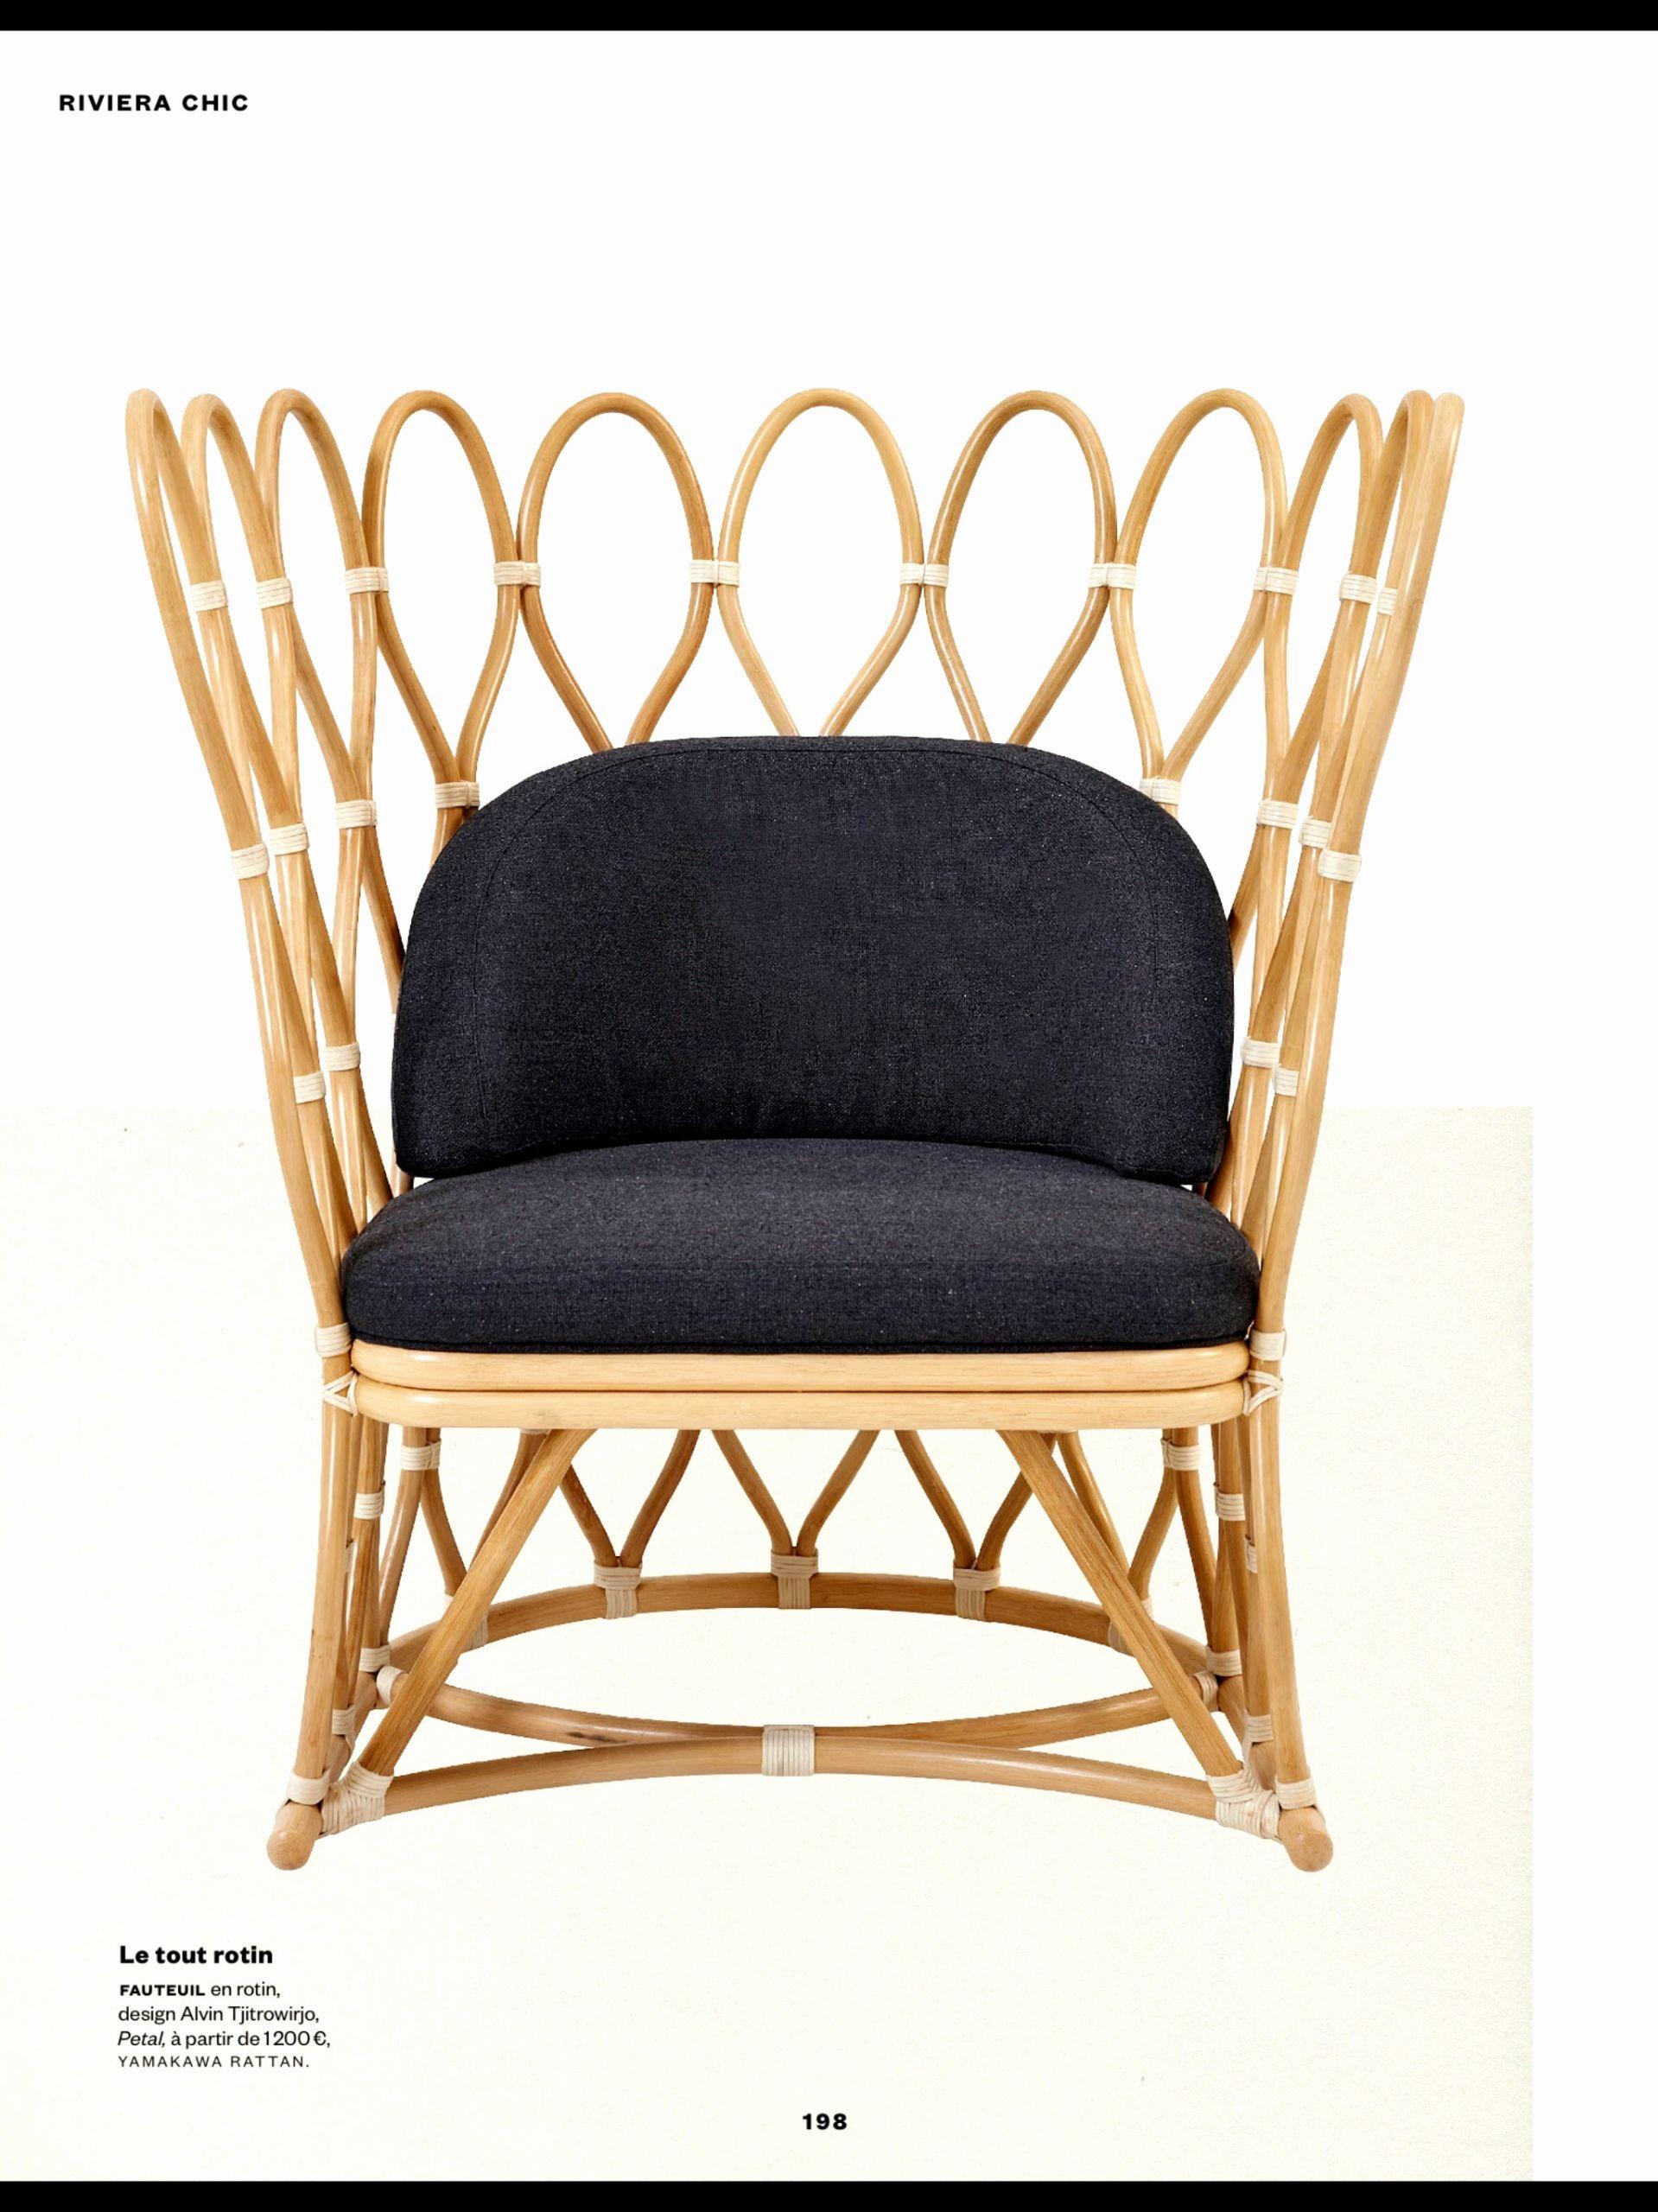 meuble en rotin meuble en rotin le meilleur de 20 meubles en rotin l esprit vintage of meuble en rotin